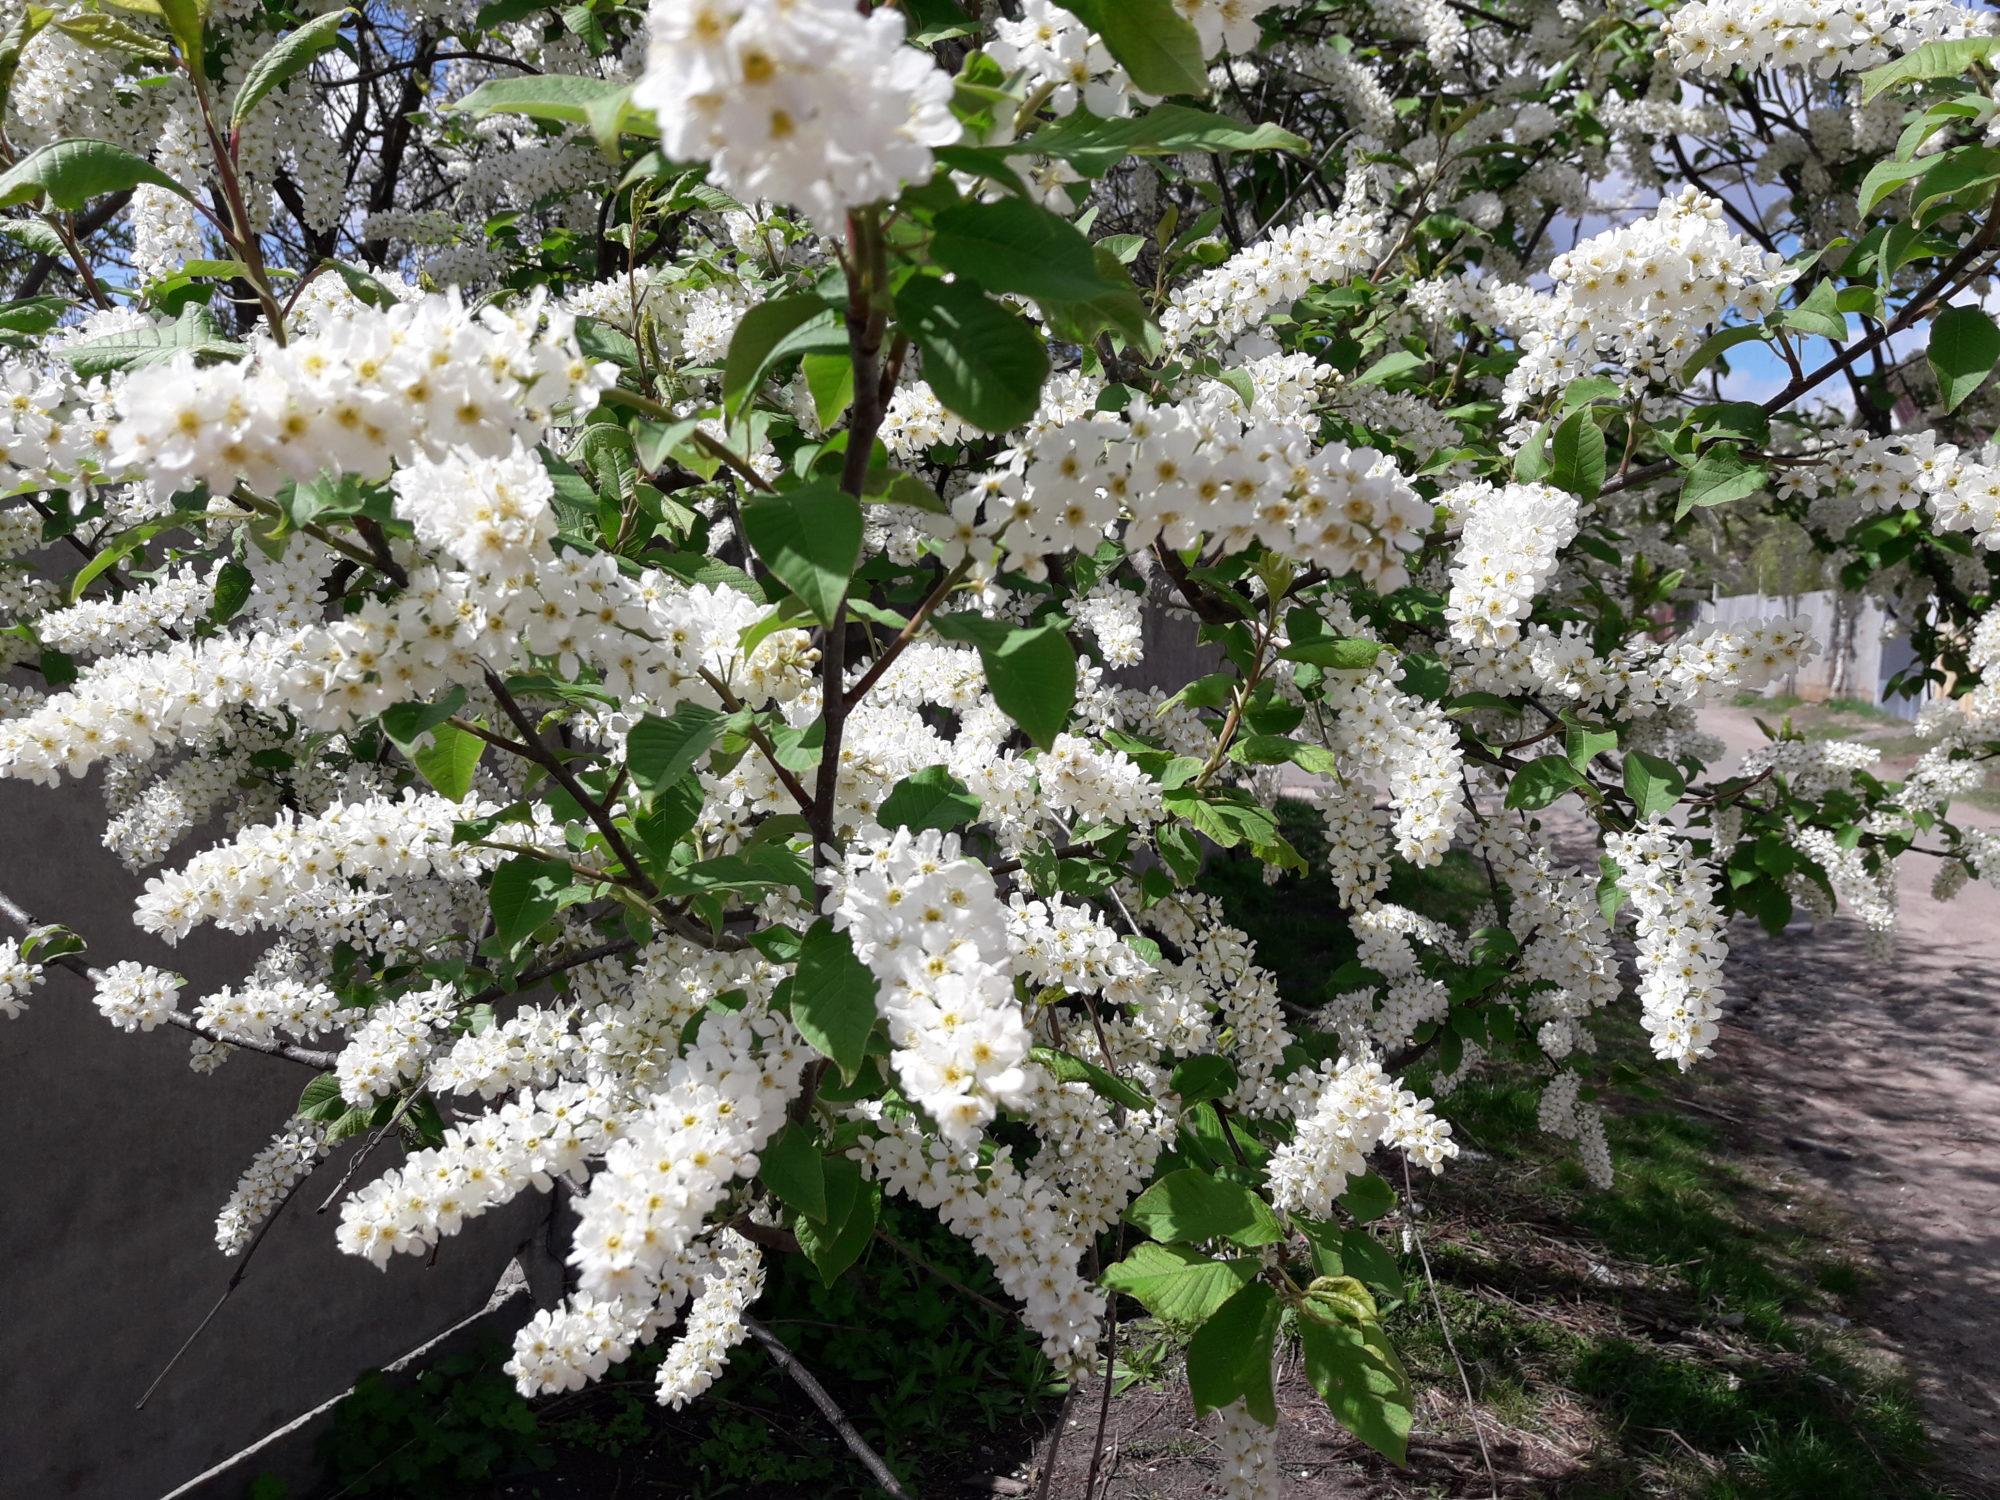 Ірпінь квітне: у місті настає пік цвітіння дерев та кущів (ФОТО) -  - 20200427 124332 2000x1500